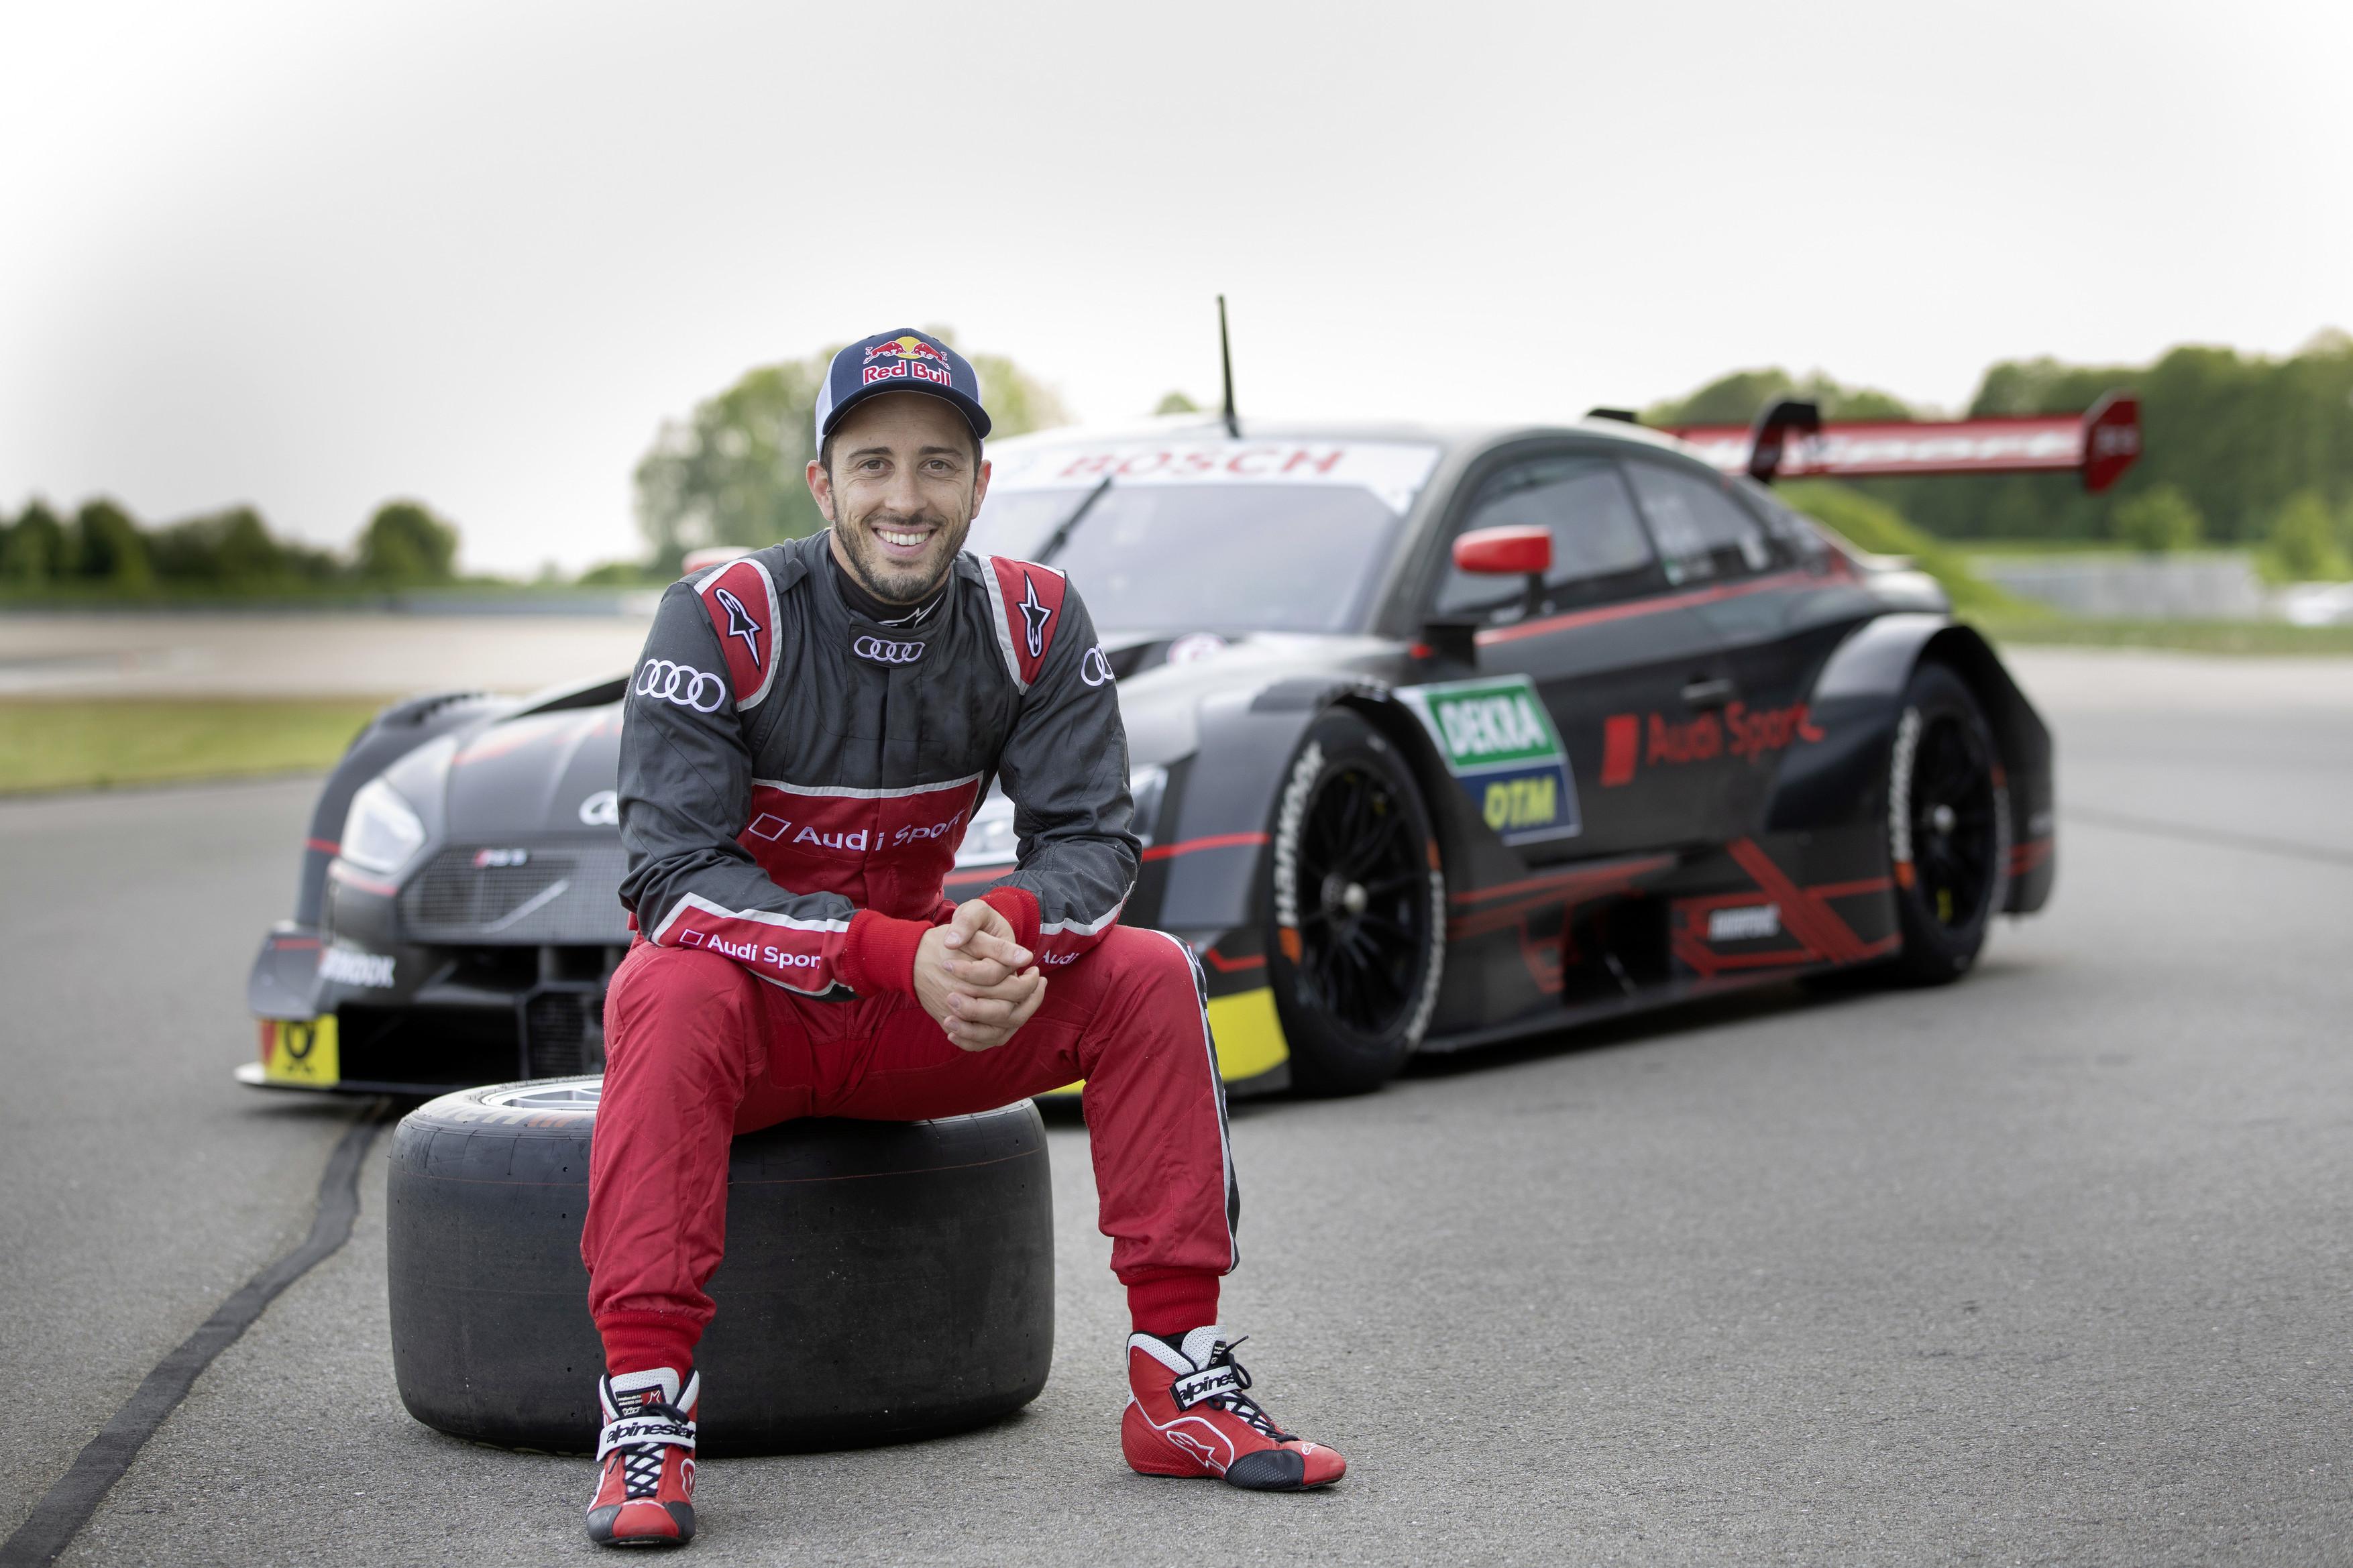 Le pilote moto italien Andrea Dovizioso va rouler pour une écurie belge